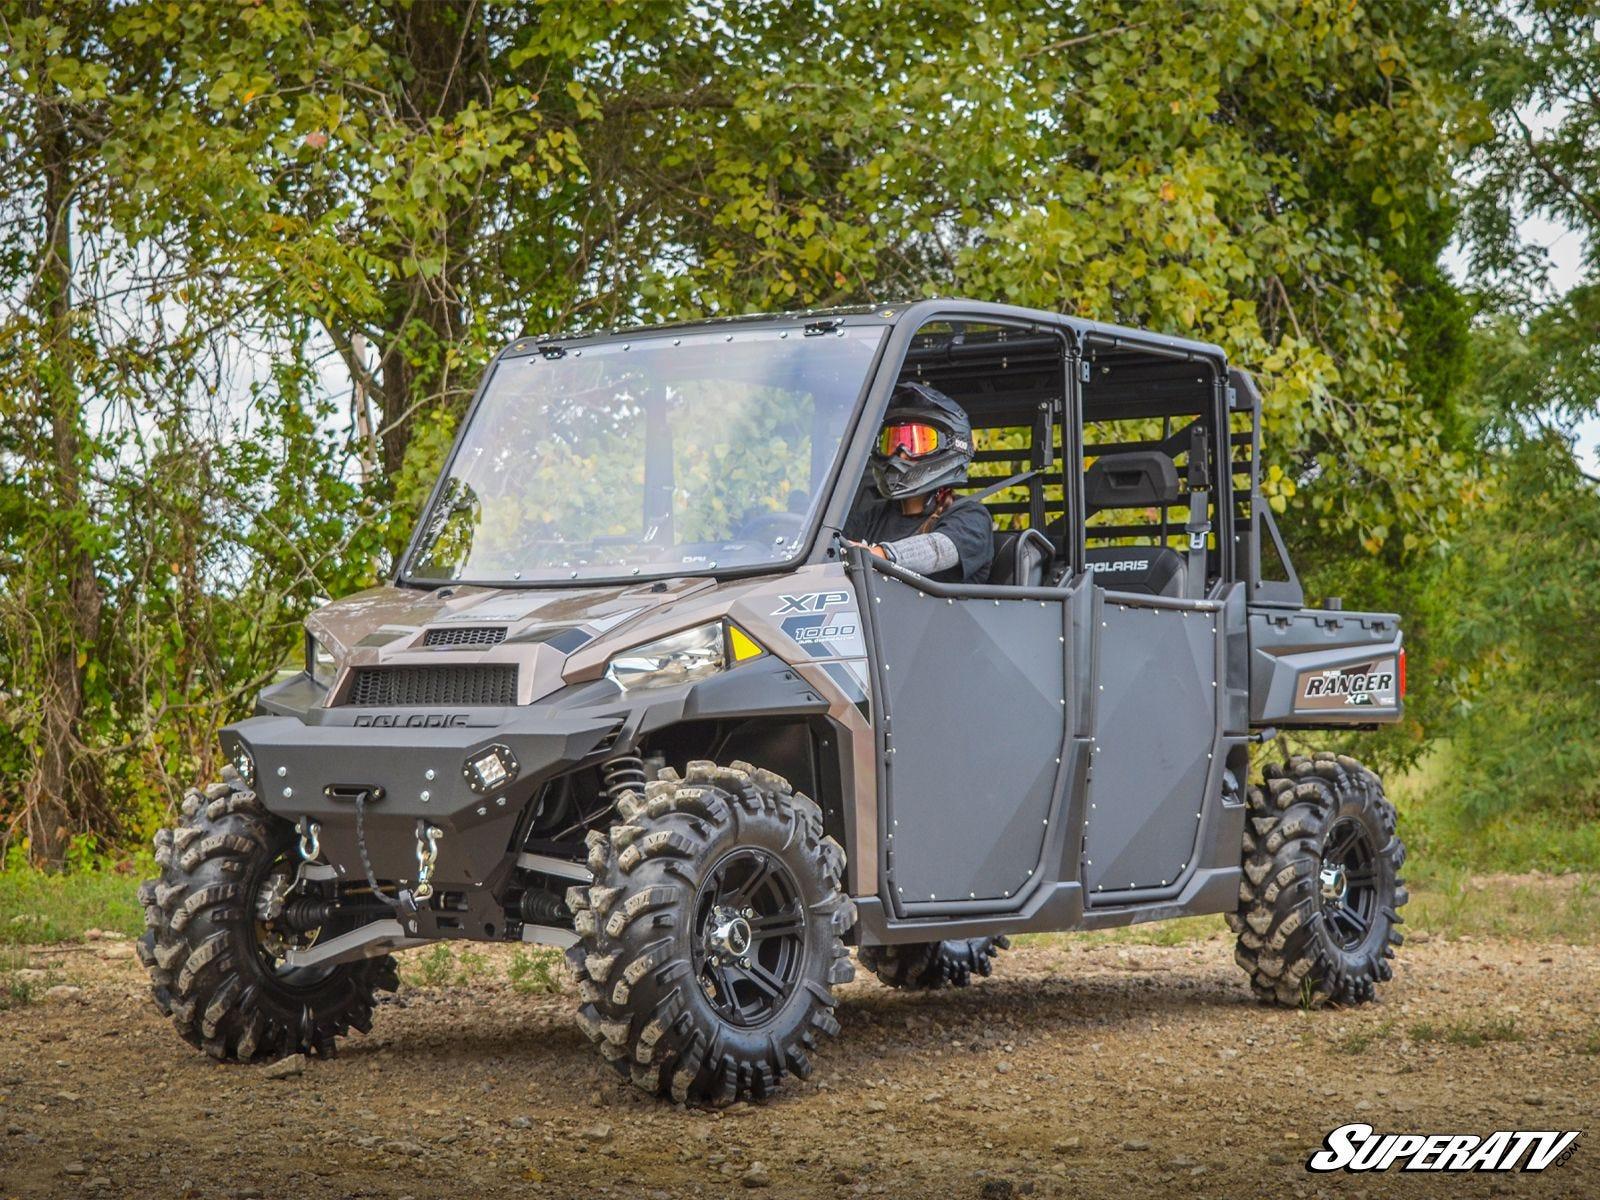 3 Inch Lift Kit For Ranger Xp 900 By Super Atv